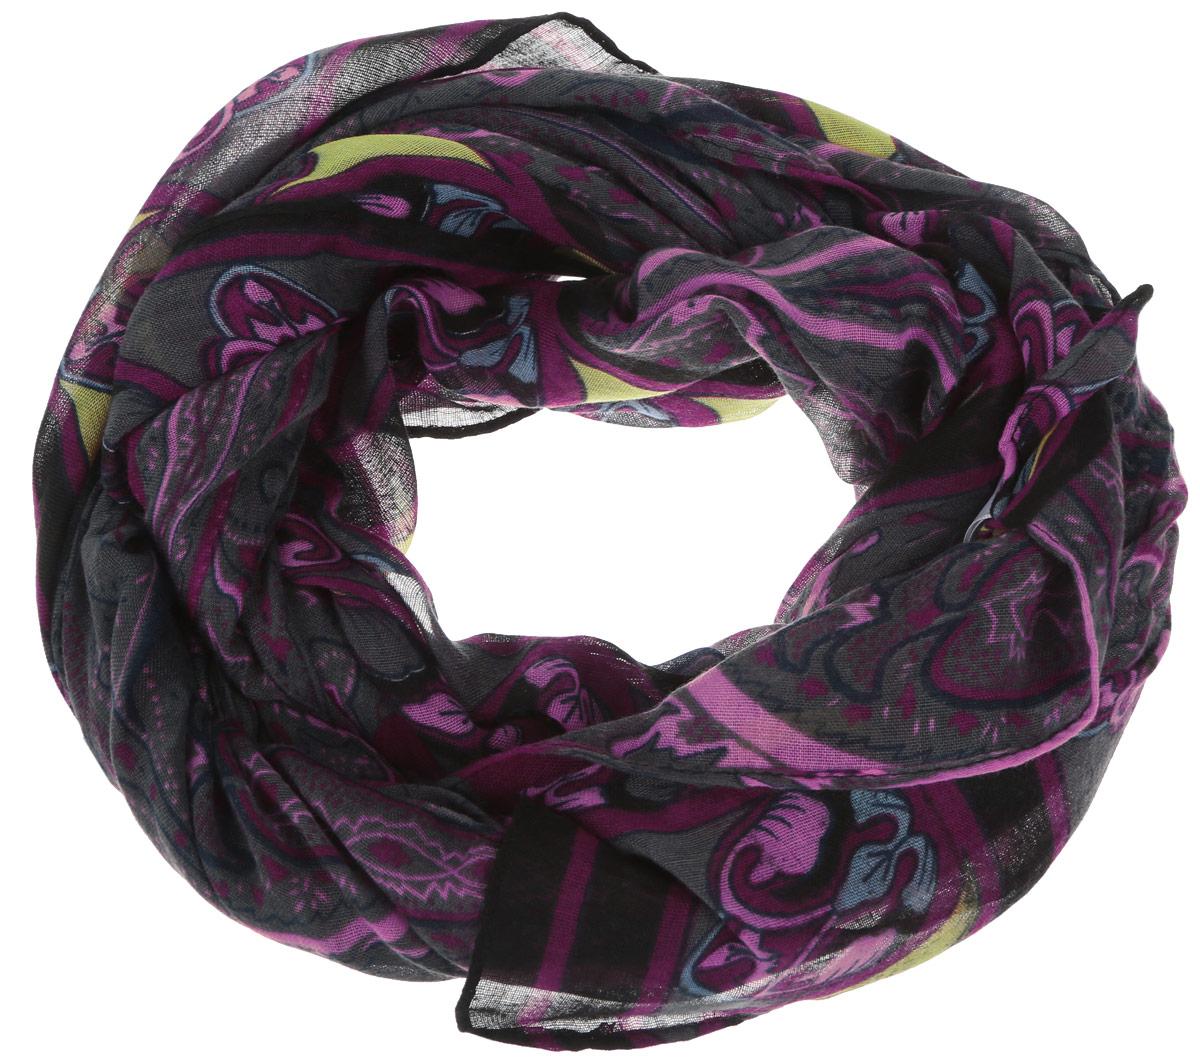 Шарф женский. SCw-142/452-6302SCw-142/452-6302Модный женский шарф Sela подарит вам уют и станет стильным аксессуаром, который призван подчеркнуть вашу индивидуальность и женственность. Шарф выполнен из полиэстера, он невероятно мягкий и приятный на ощупь. Модель оформлена контрастным цветочным рисунком. Этот модный аксессуар гармонично дополнит образ современной женщины, следящей за своим имиджем и стремящейся всегда оставаться стильной и элегантной. Такой шарф украсит любой наряд и согреет вас в непогоду, с ним вы всегда будете выглядеть изысканно и оригинально.